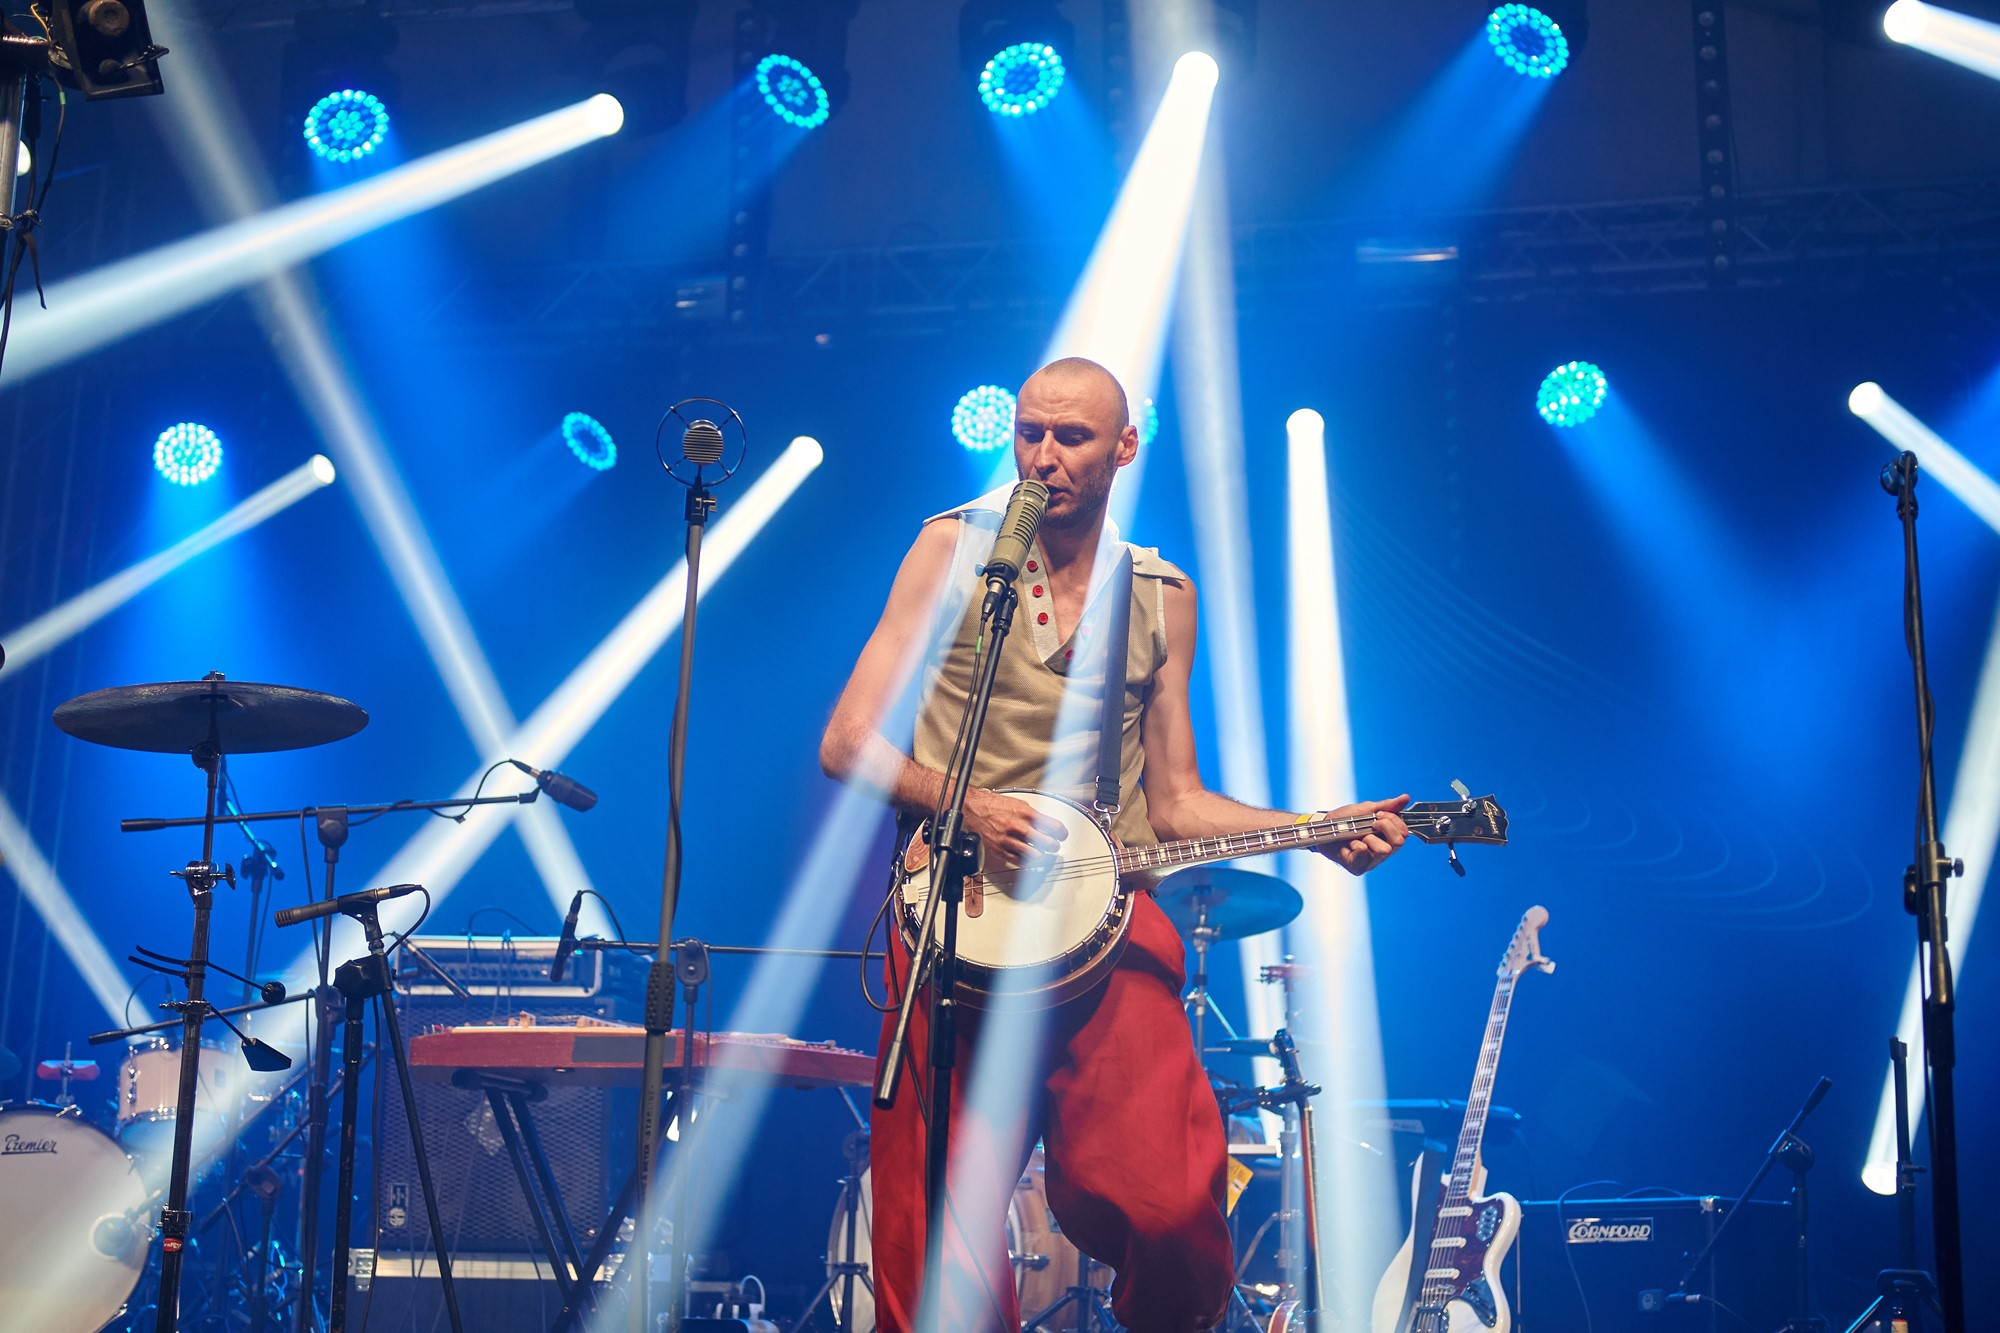 [Zdjęcie z koncertu zespołu Hańba. Zdjęcie przedstawia mężczyznę w jasnej koszuli i czerwonych spodniach grającego na Banjo stojącego przy mikrofonie]